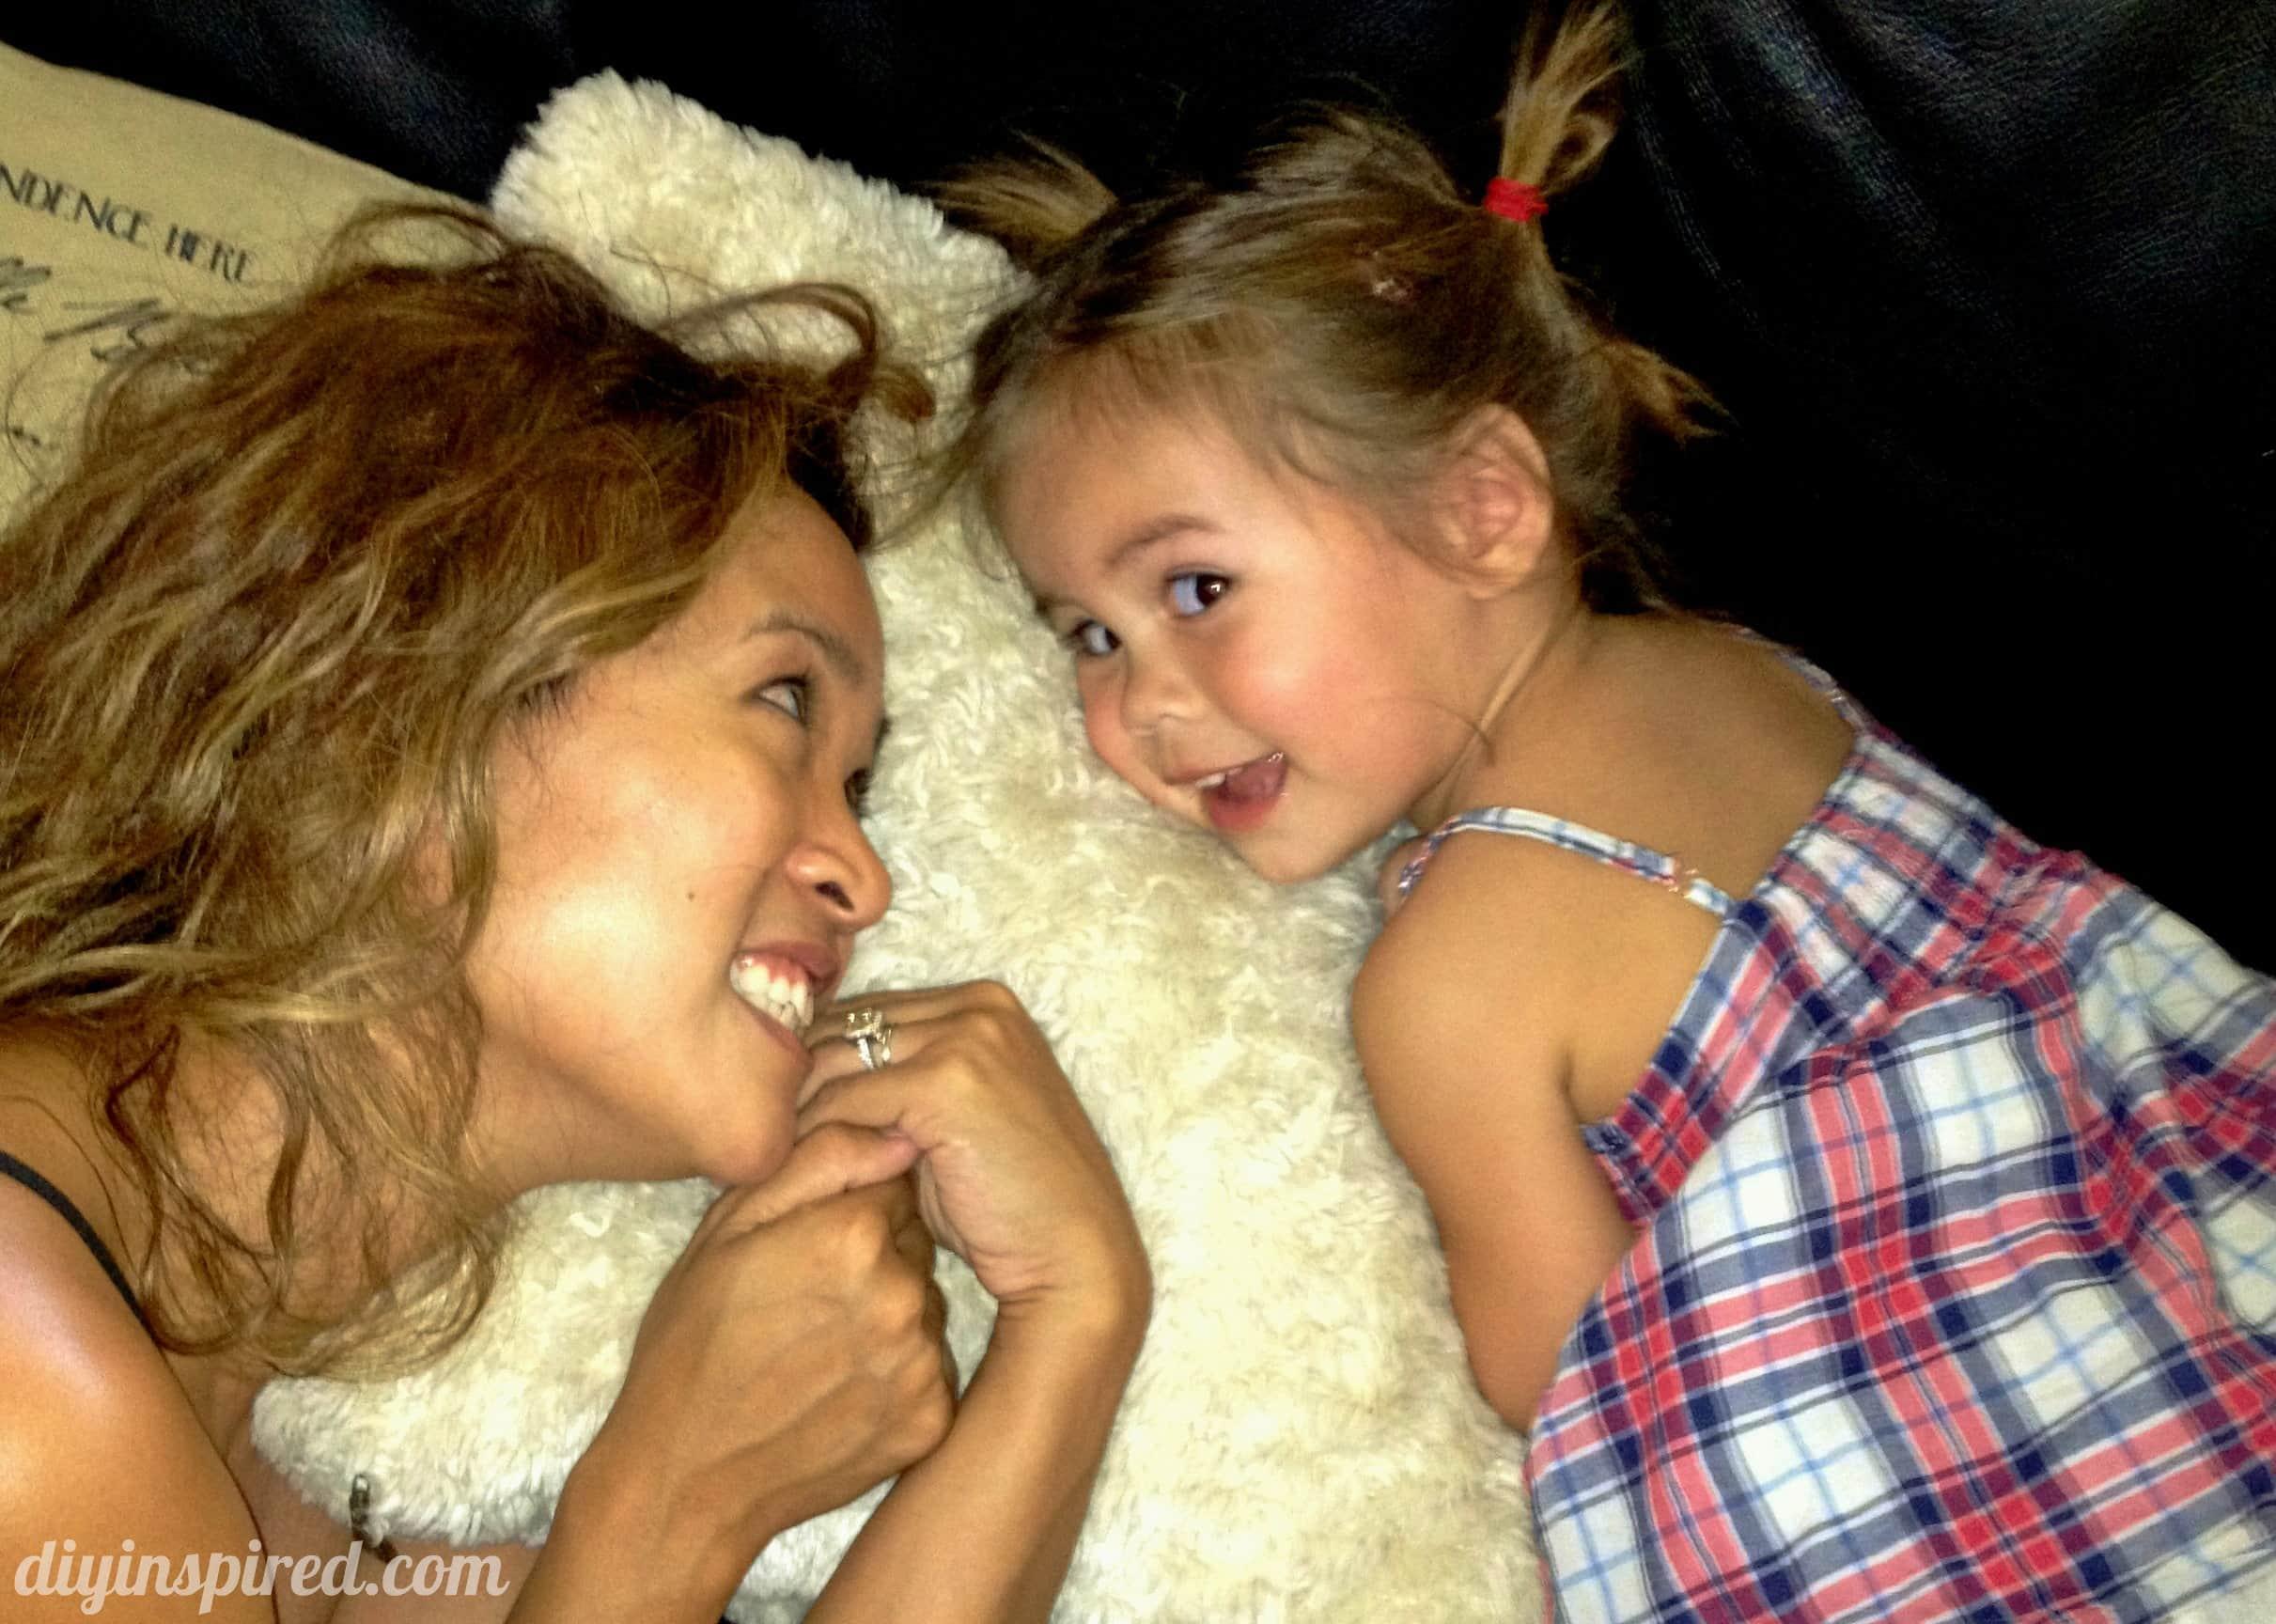 silent night christmas eve sleeping tips for kids - How To Go To Sleep On Christmas Eve